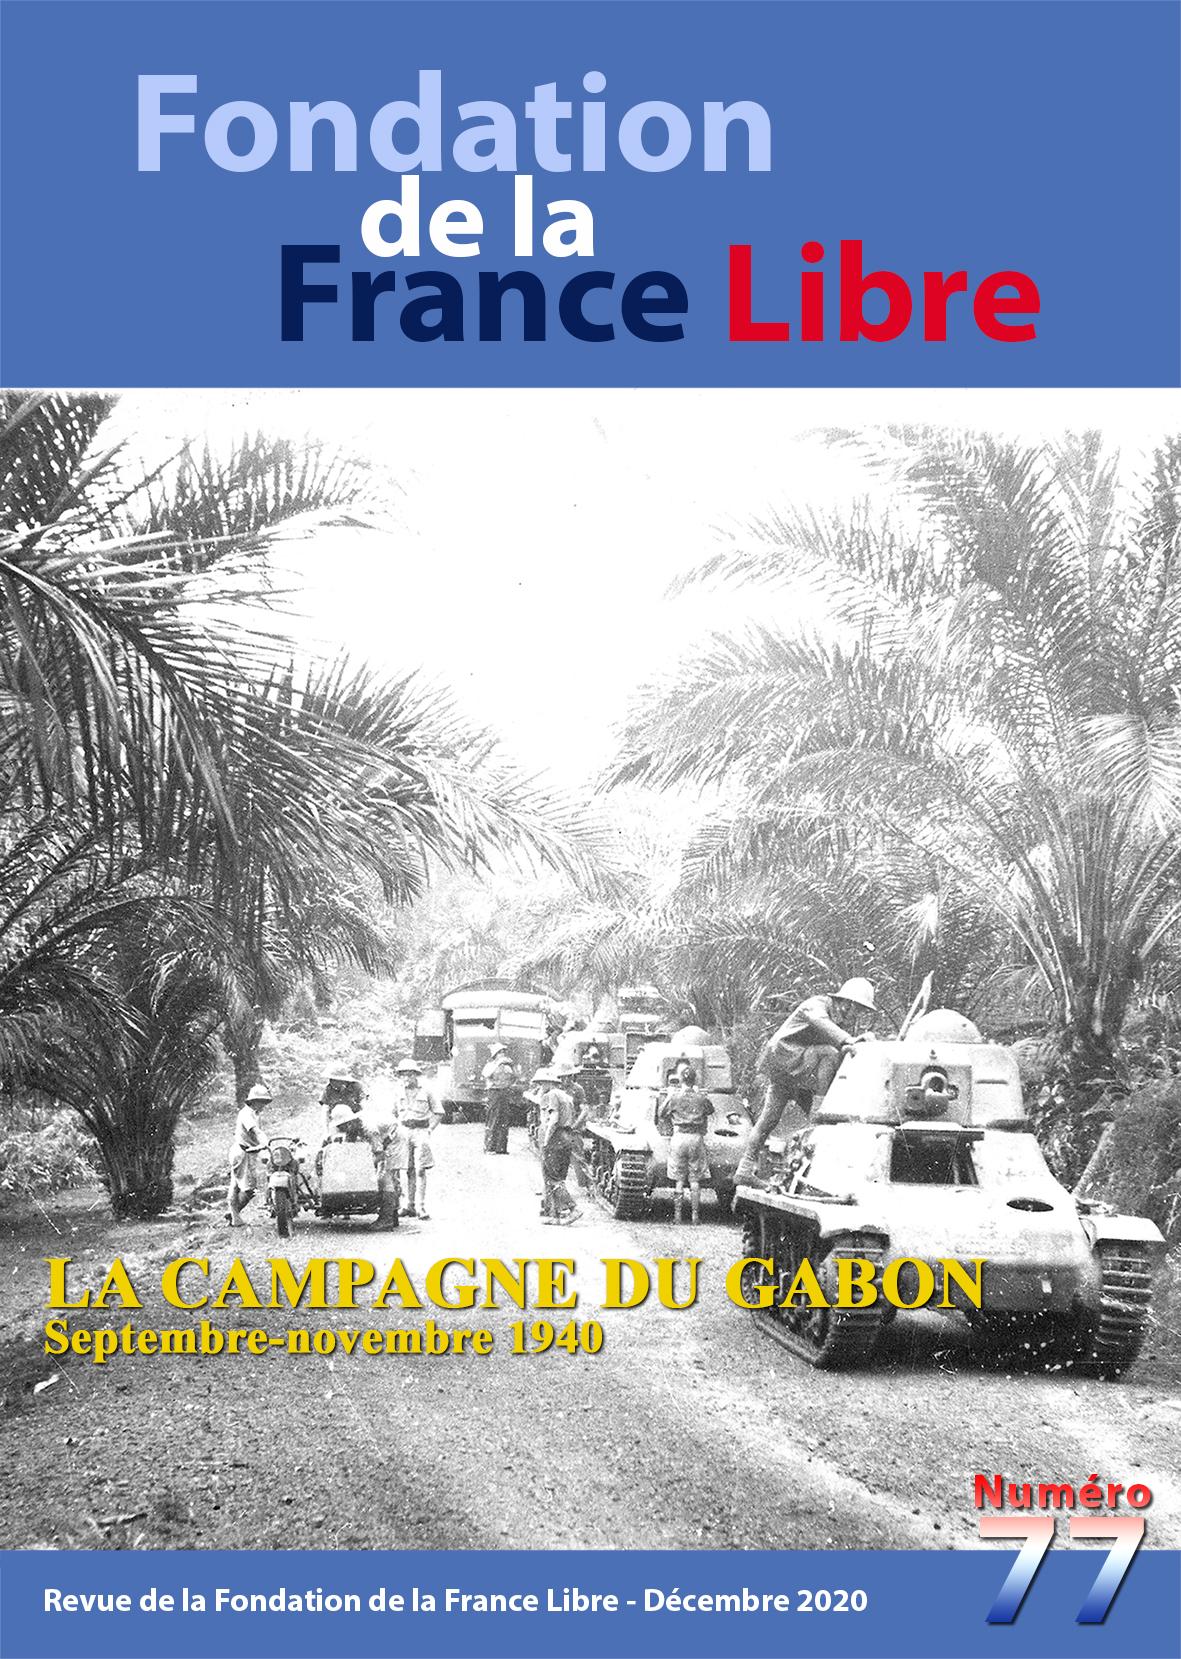 Fondation de la France Libre, n° 77, décembre 2020